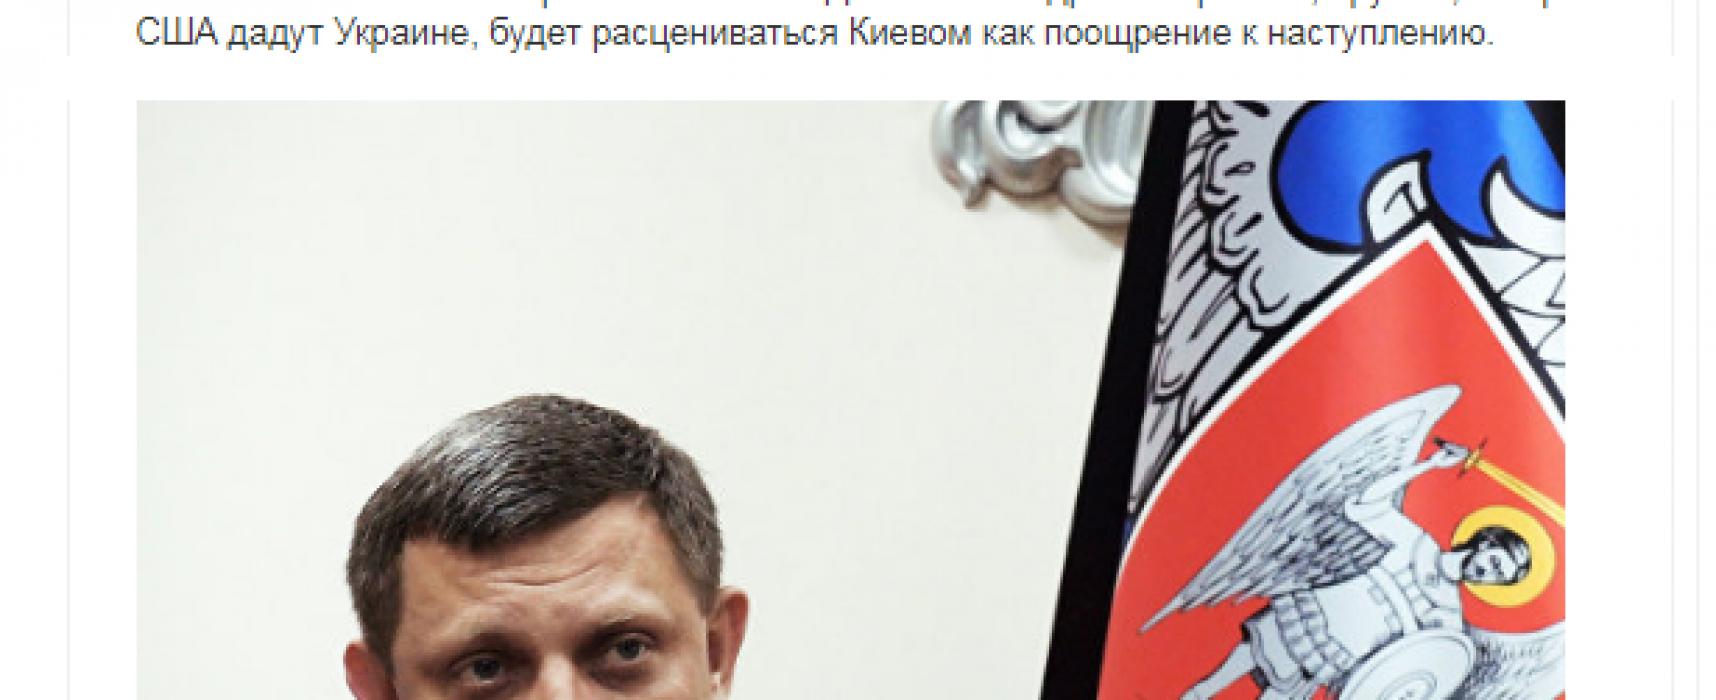 Манипуляции и фейки вокруг  «Дайте Украине оружие!»